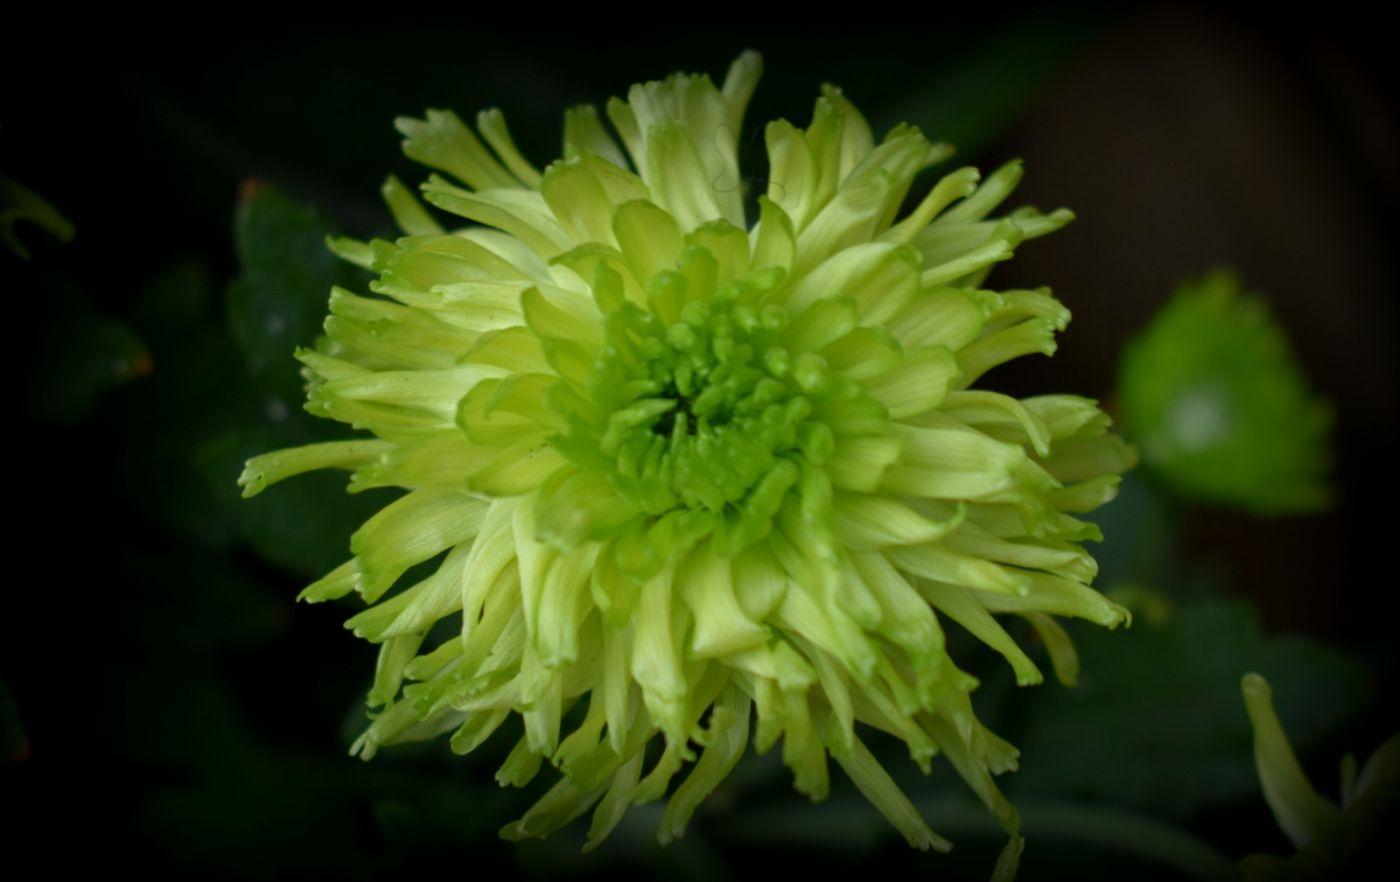 绿色菊花_图1-8